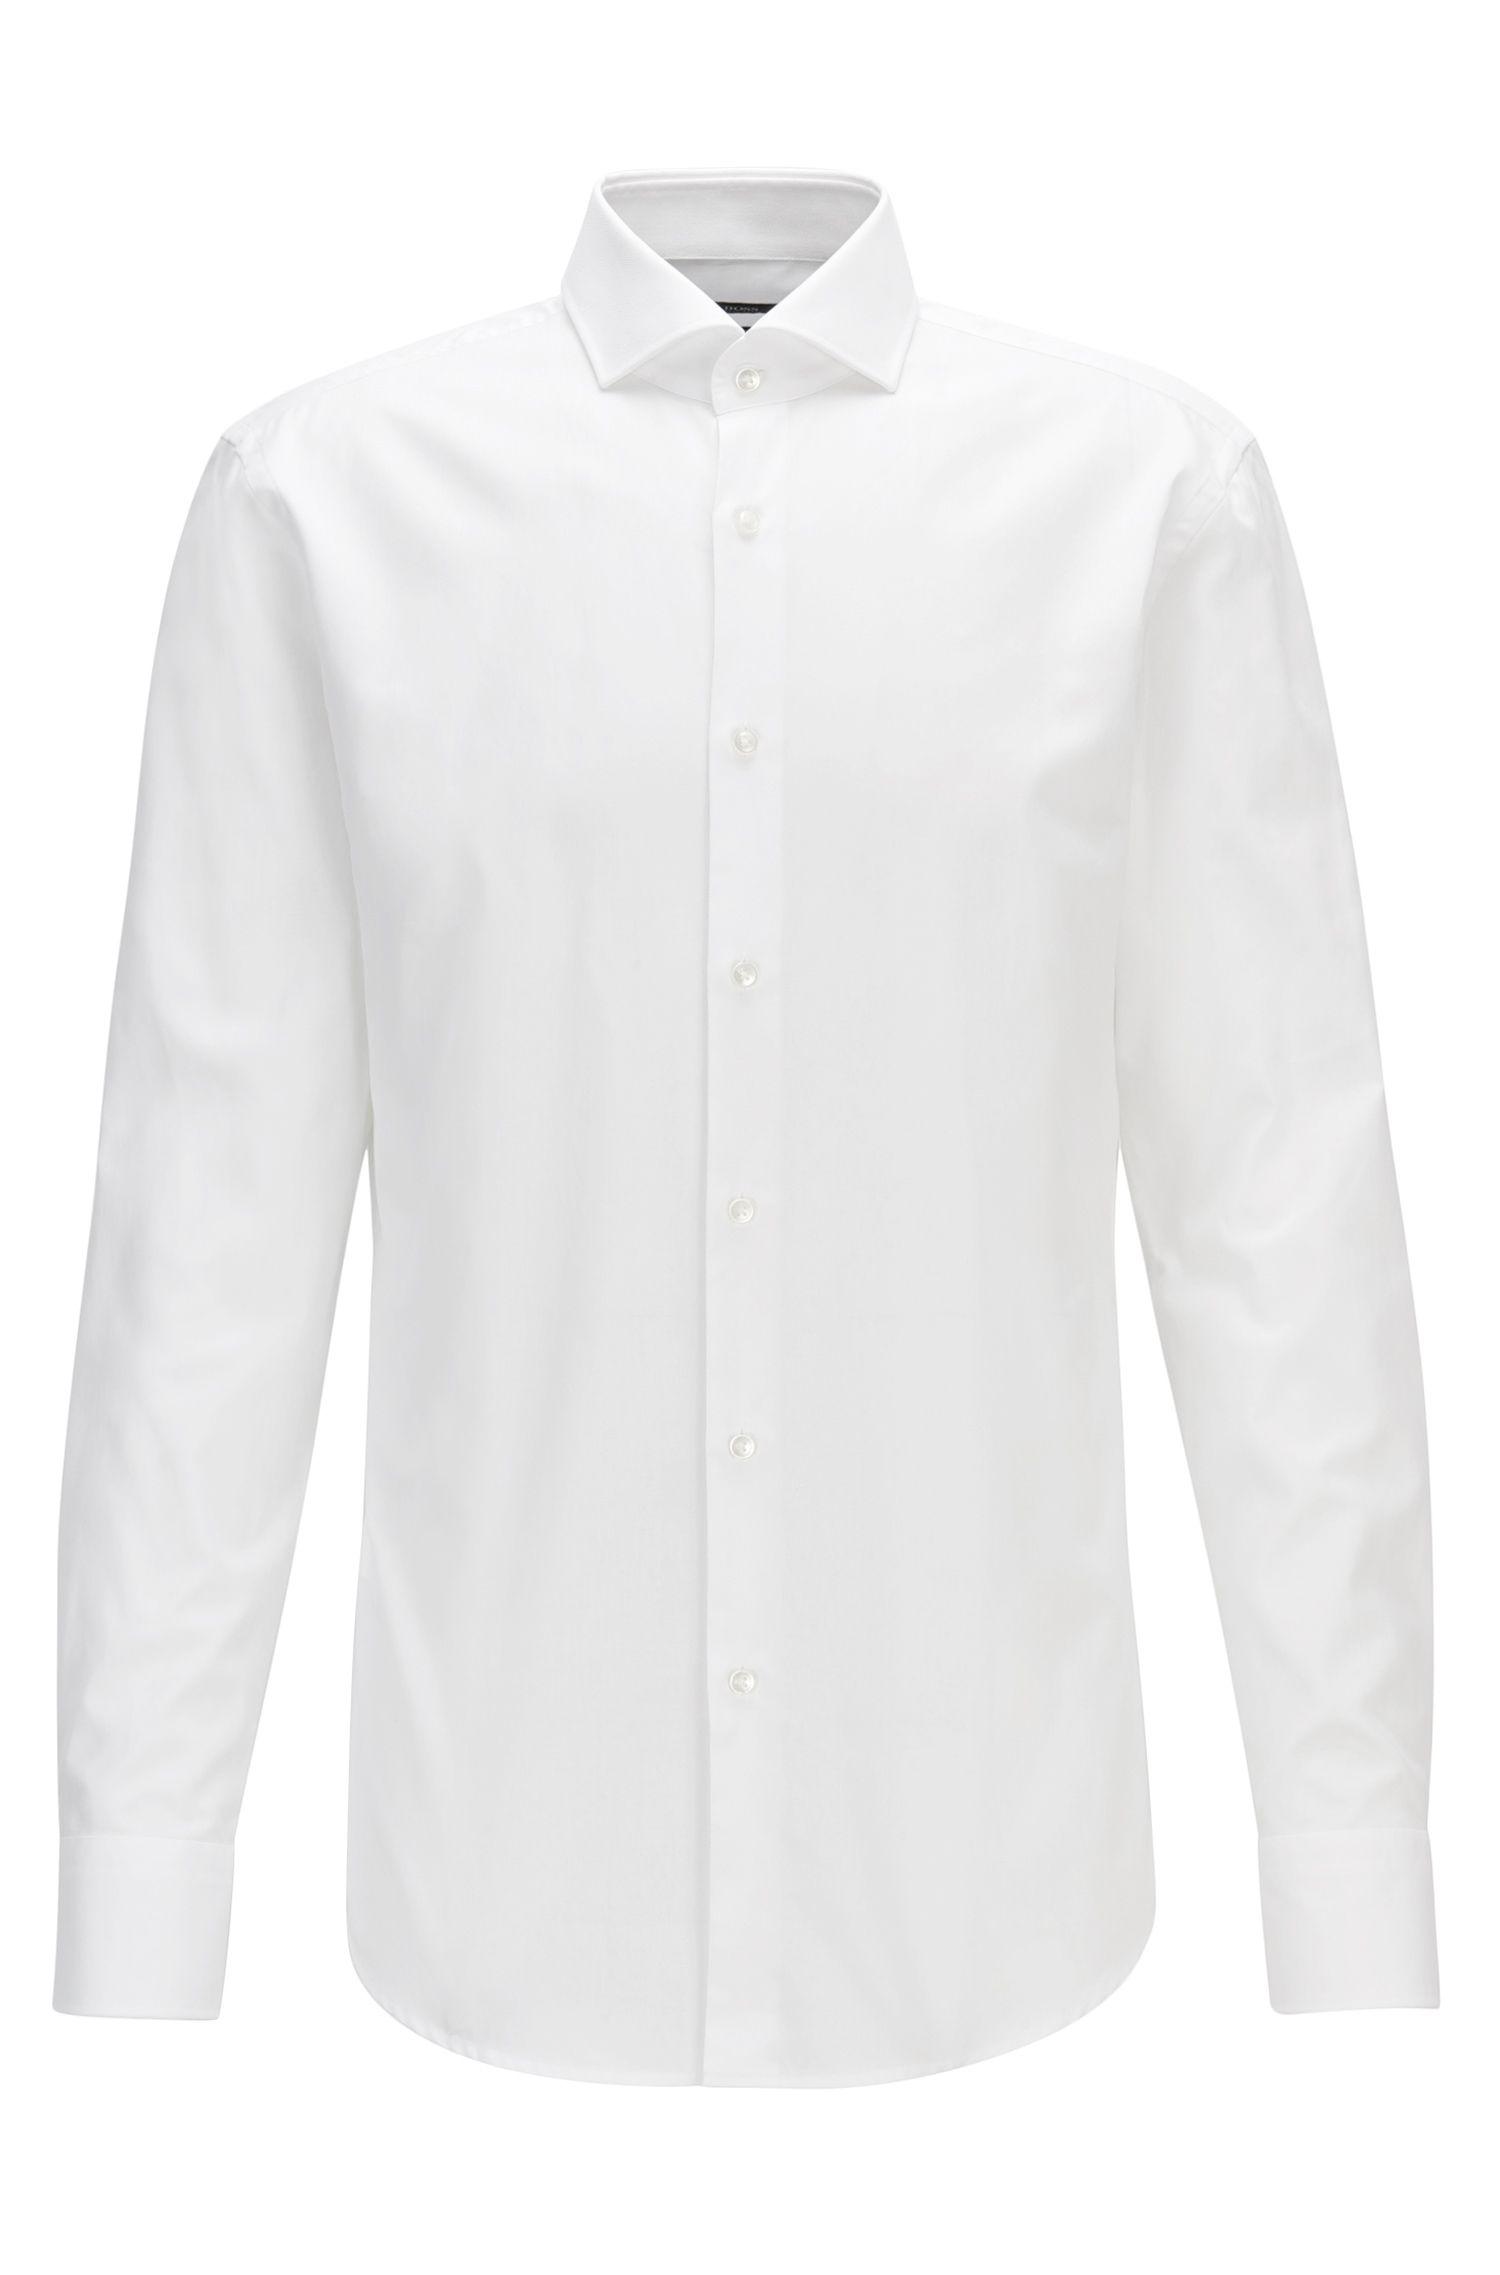 Camicia slim fit in twill di cotone microstrutturato